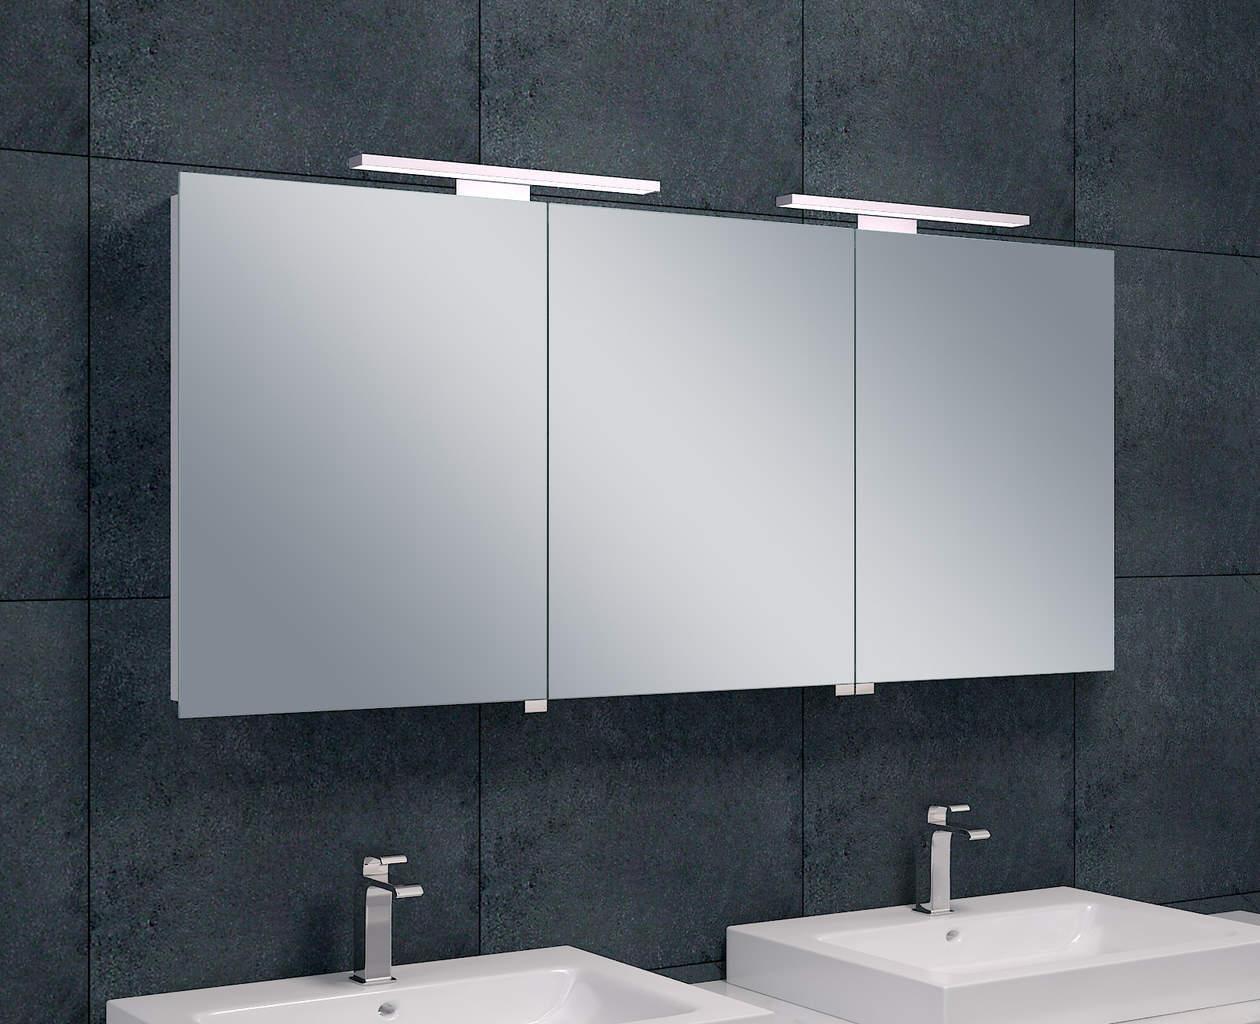 Luxe spiegelkast led verlichting 140x60x14cm megadump for Spiegelkast 60 cm breed